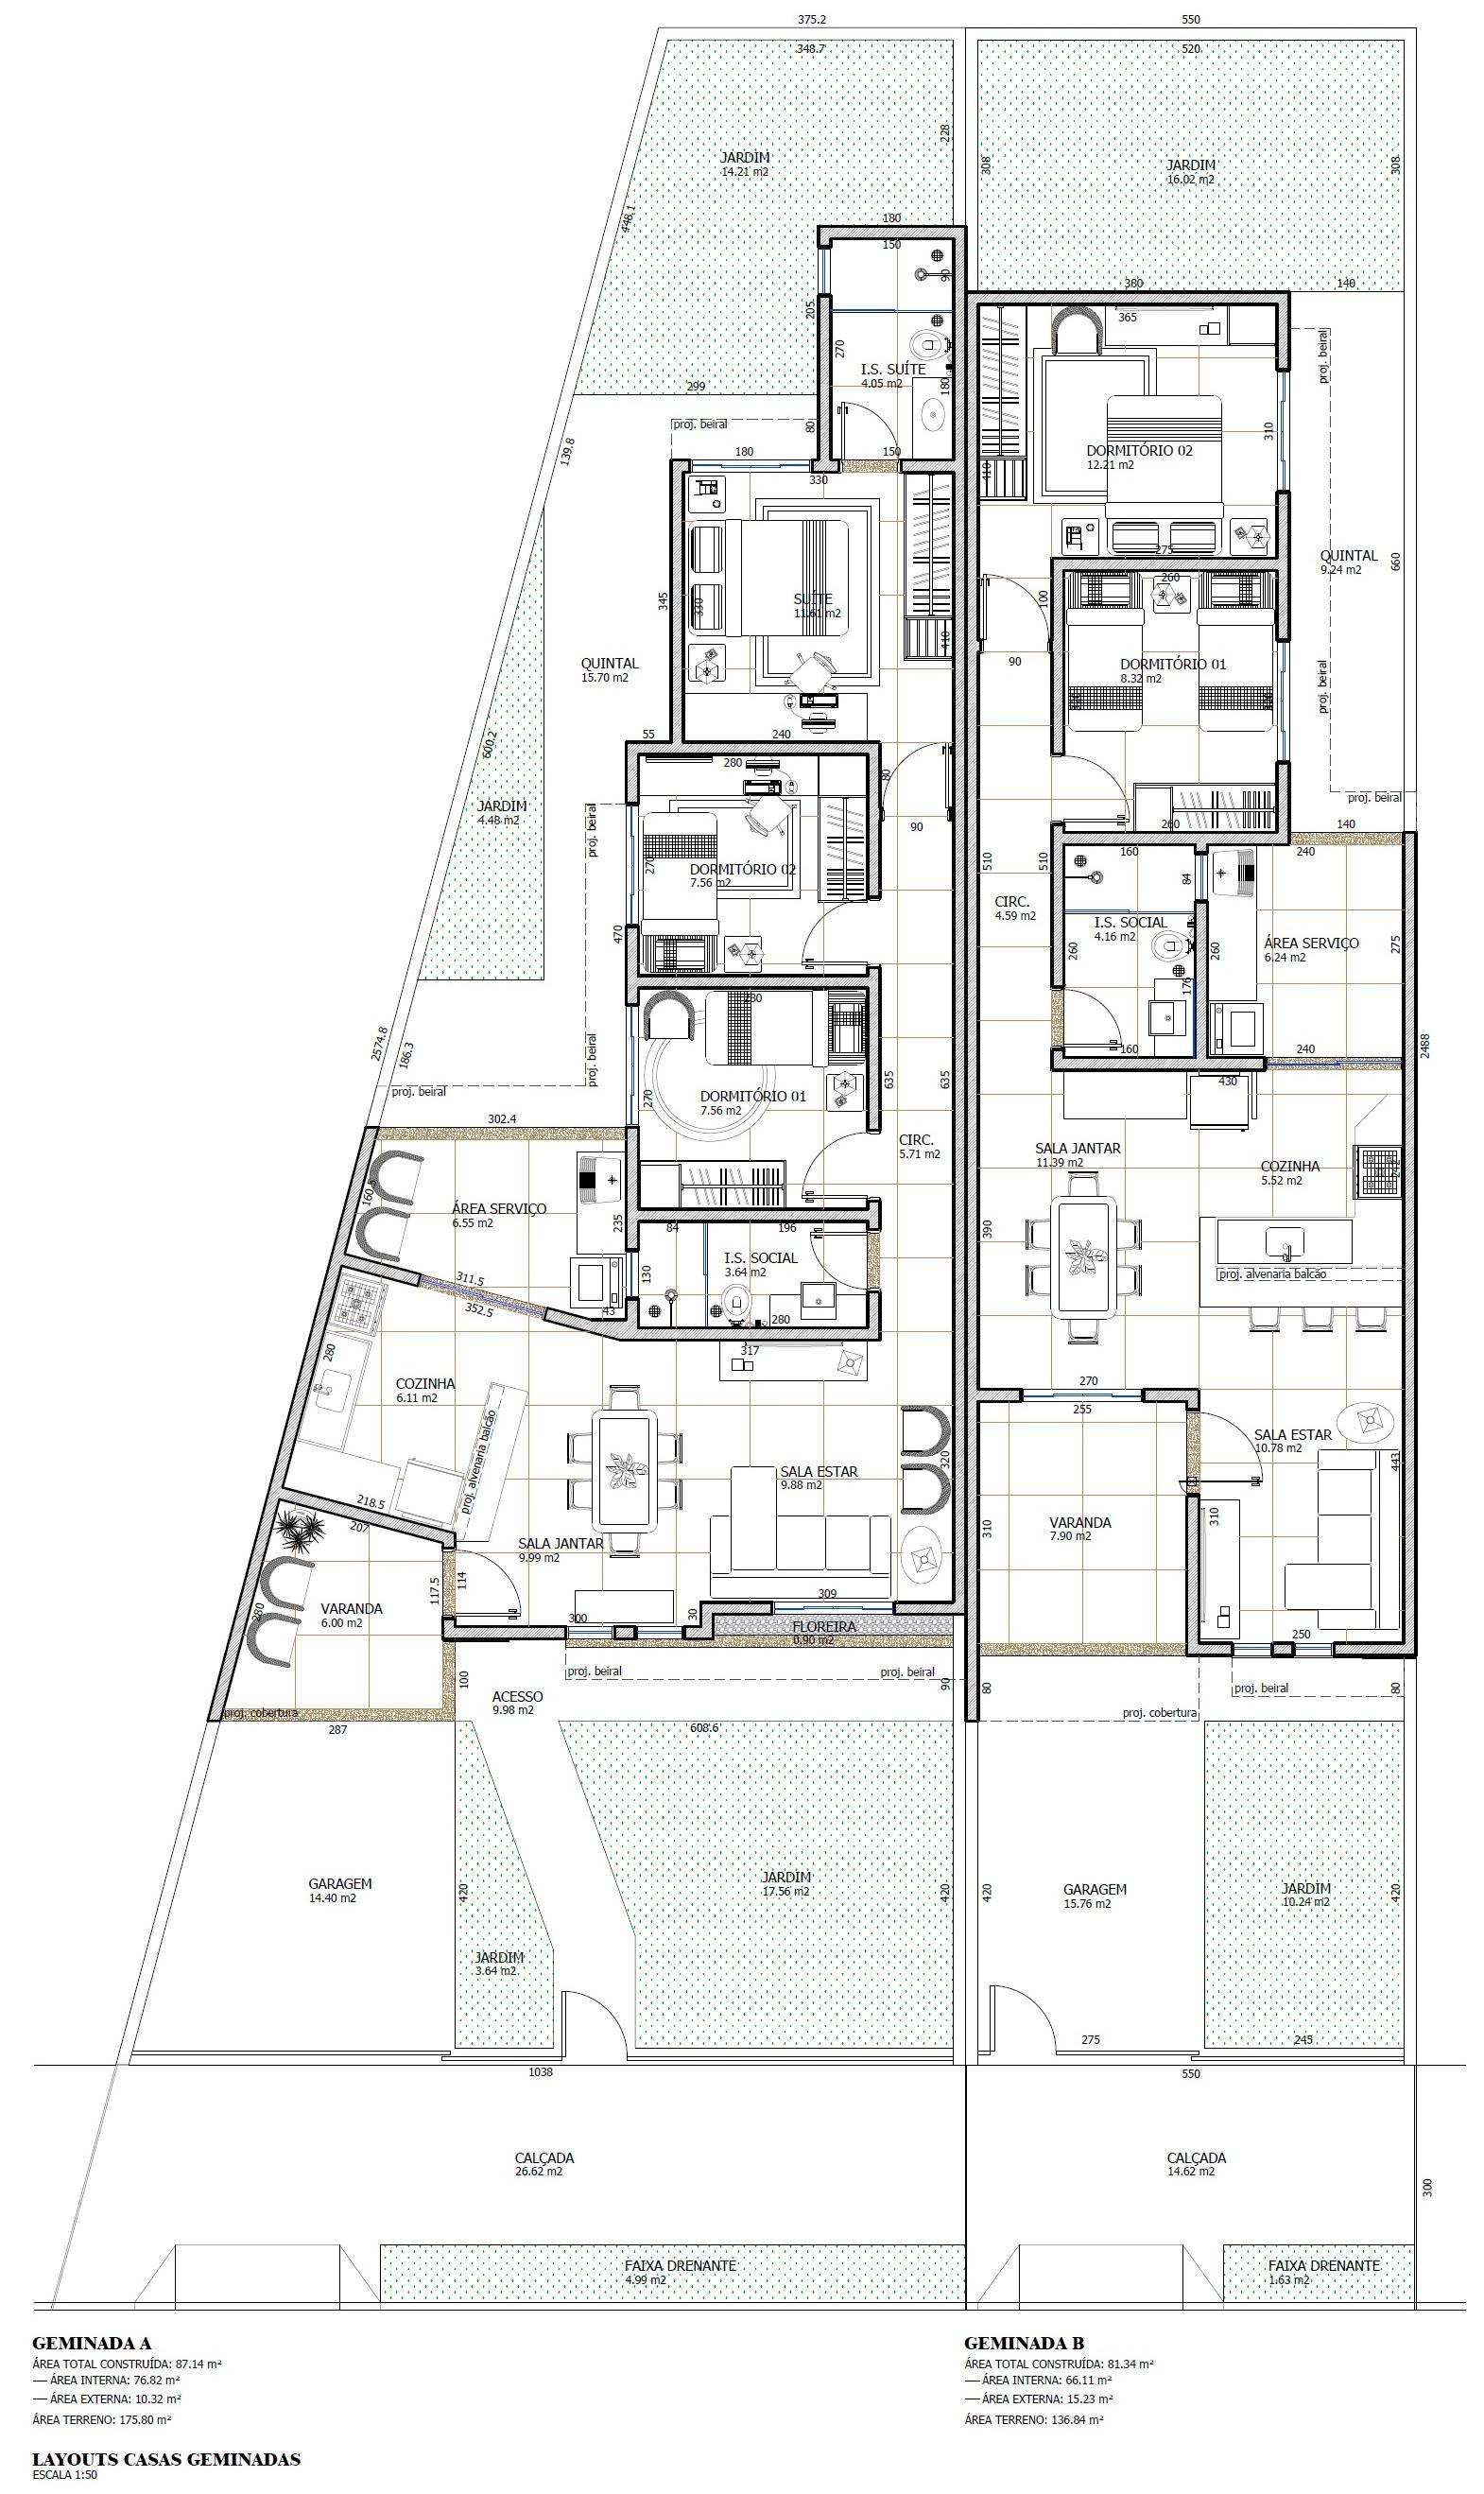 """<p style=""""margin-left:0cm; margin-right:0cm""""><span style=""""font-size:11pt"""">Casas geminadas diferenciadas, com 87,00 m&sup2; e 81,00 m&sup2;, sendo uma com 2 dormit&oacute;rios, 1 su&iacute;te, sala de estar, jantar e cozinha integradas, banheiro social e &aacute;rea de servi&ccedil;o; e outra com 2 dormit&oacute;rios, sala de estar, jantar e cozinha integradas, banheiro social e &aacute;rea de servi&ccedil;o.</span></p>"""